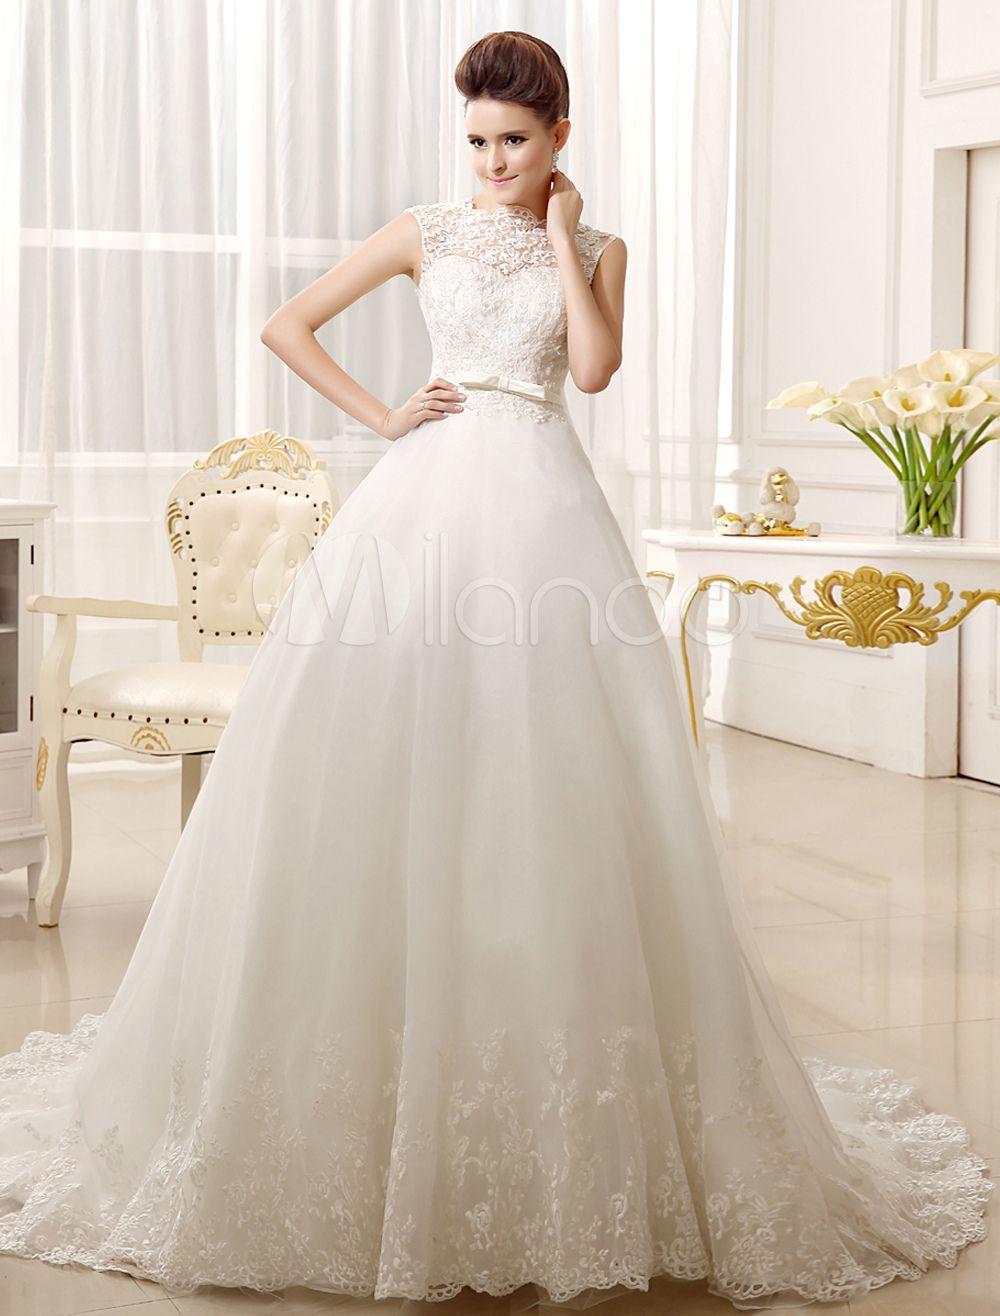 Gemütlich Brautkleider In Mn Bilder - Hochzeit Kleid Stile Ideen ...